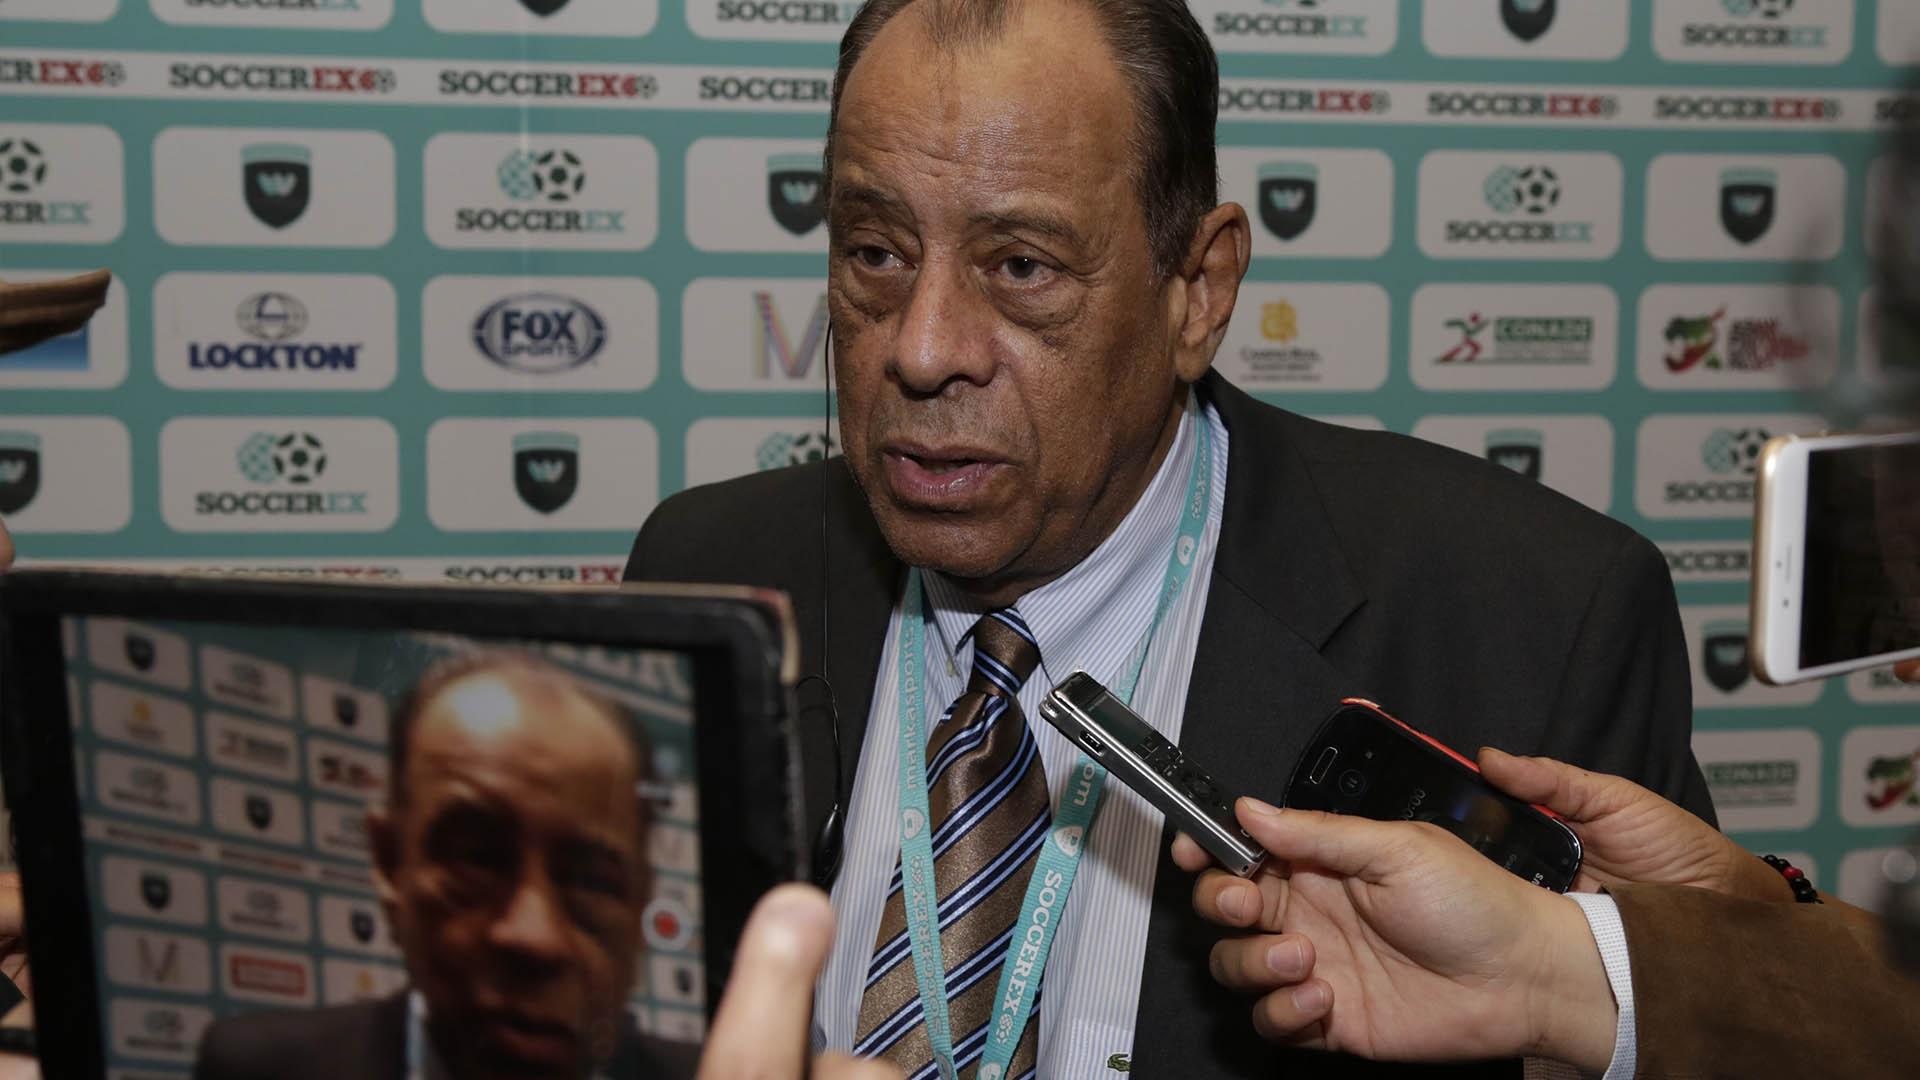 Morto Carlos Alberto, capitano del Brasile al Mundial 70 con Pelè